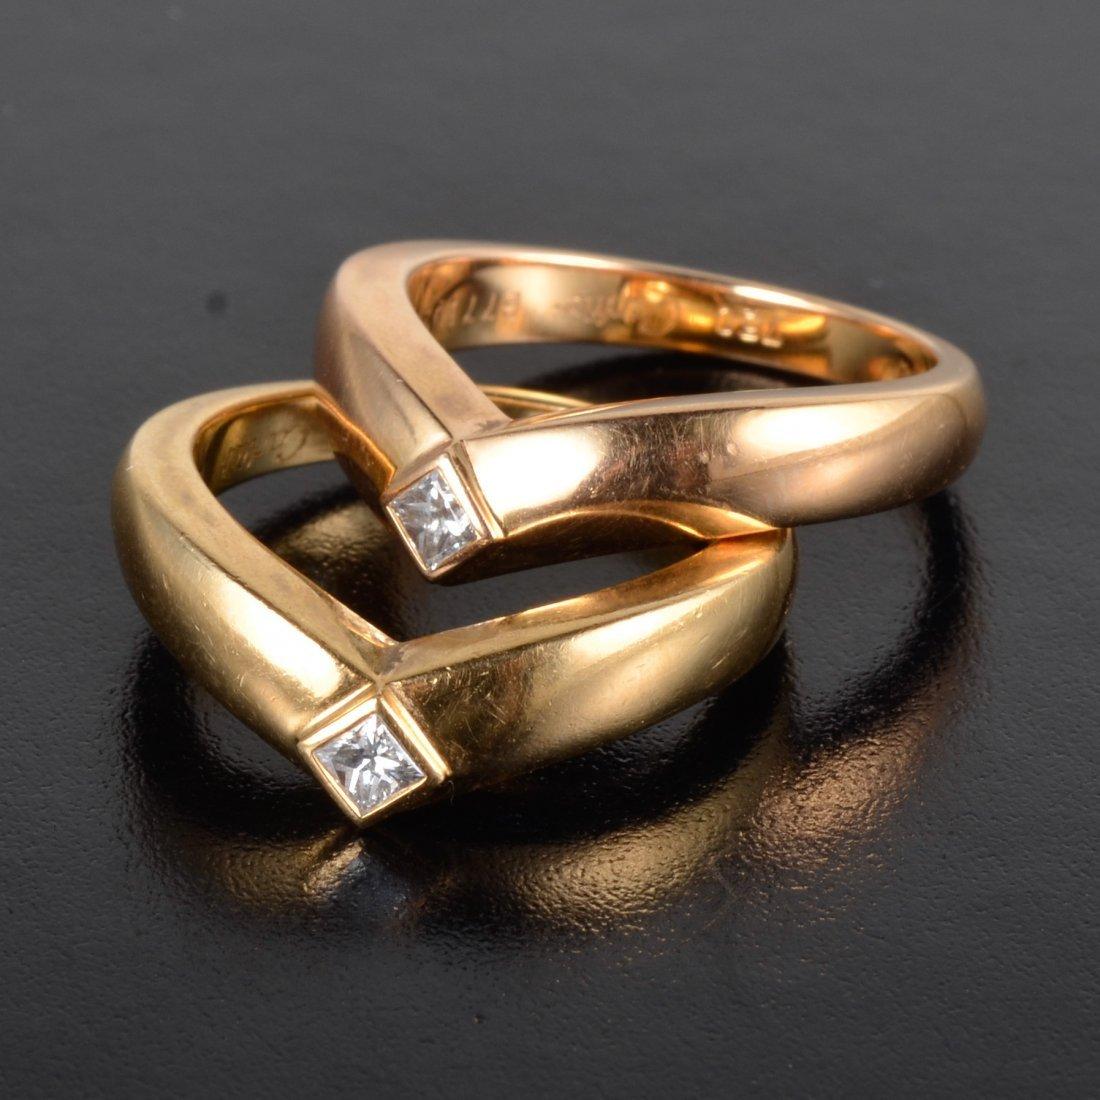 Cartier diamond ring set